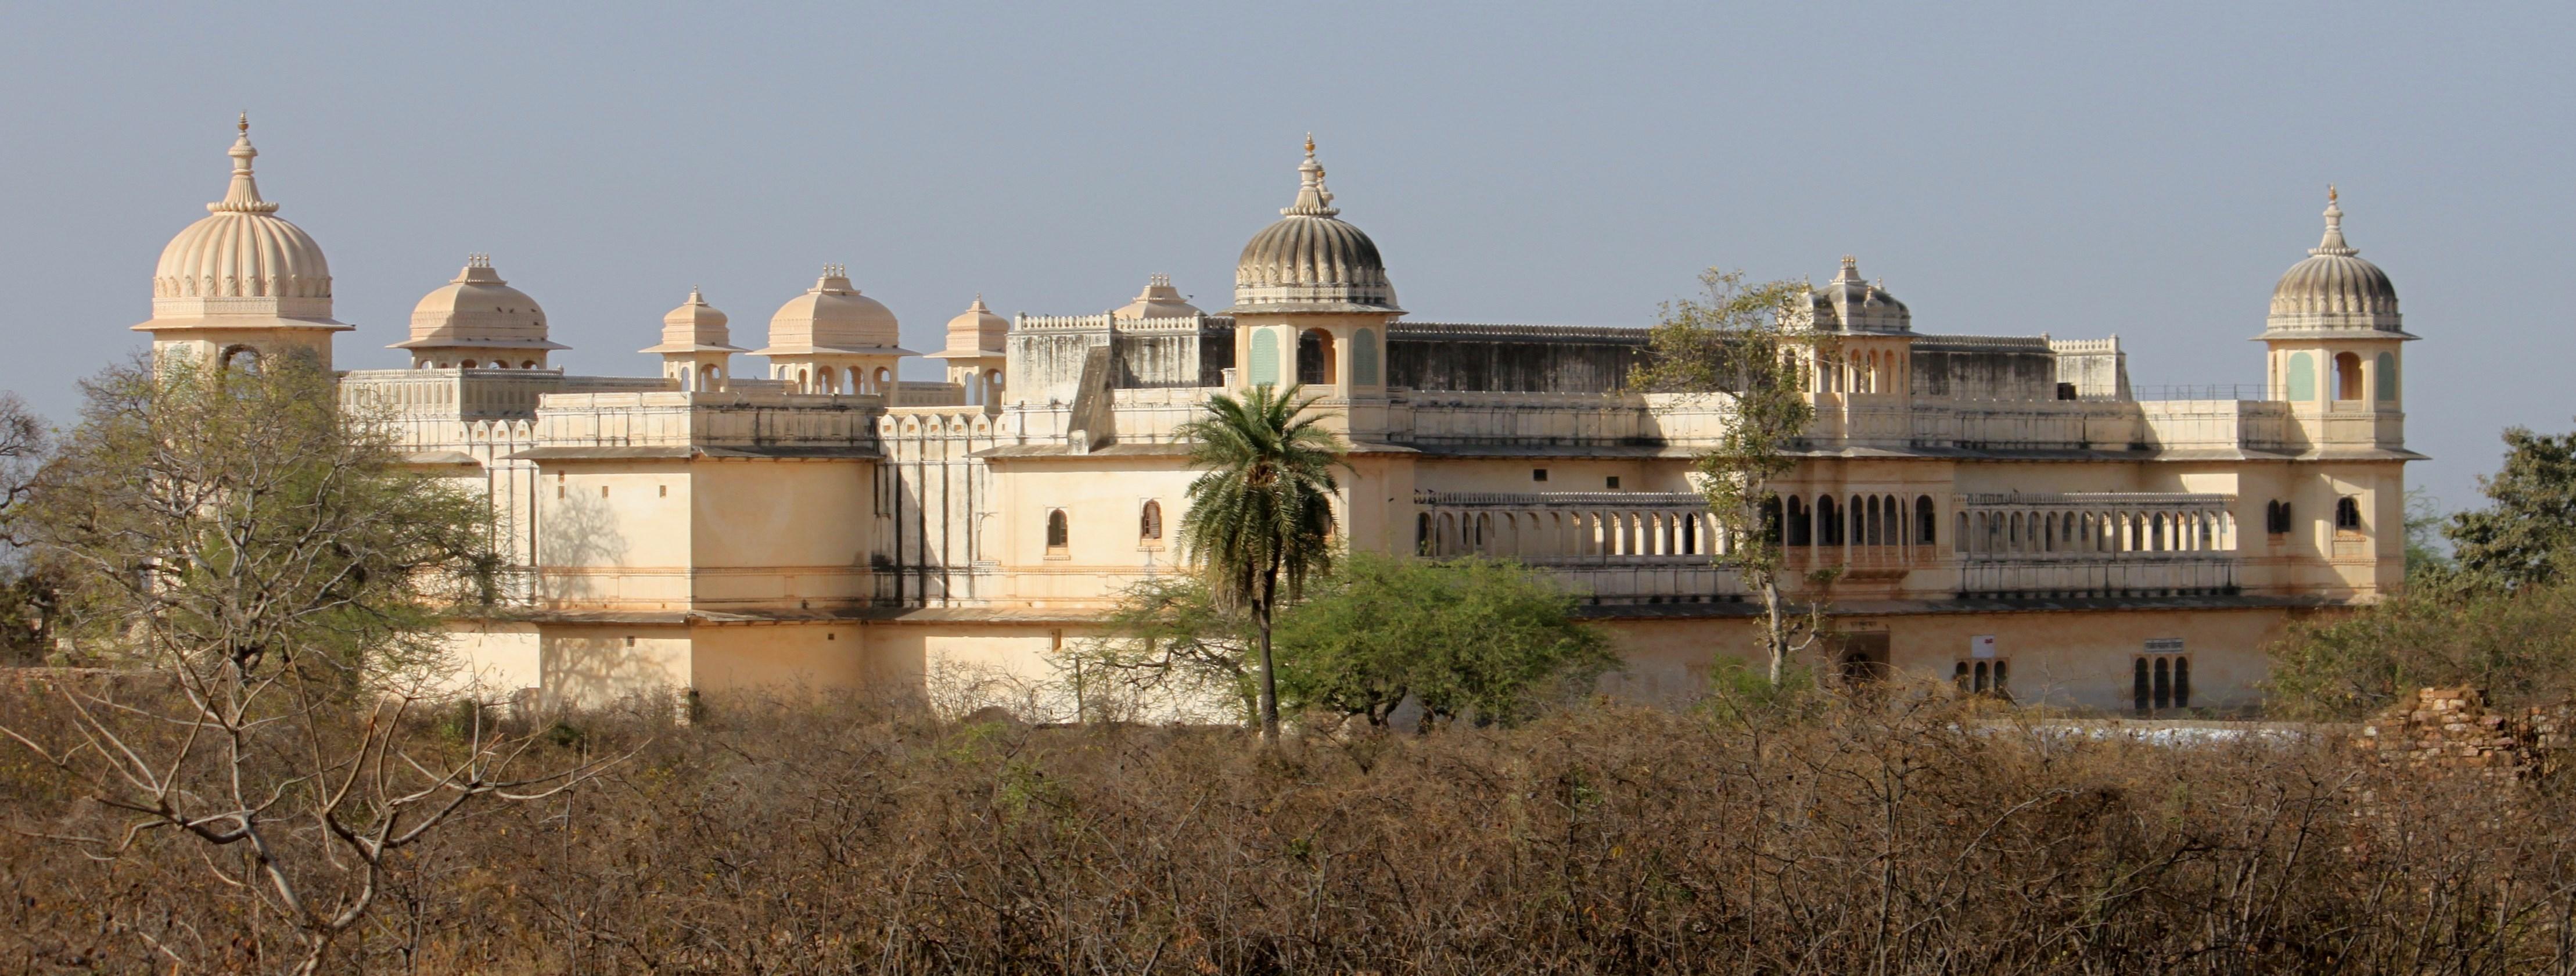 Fateh Prakash Palace 7